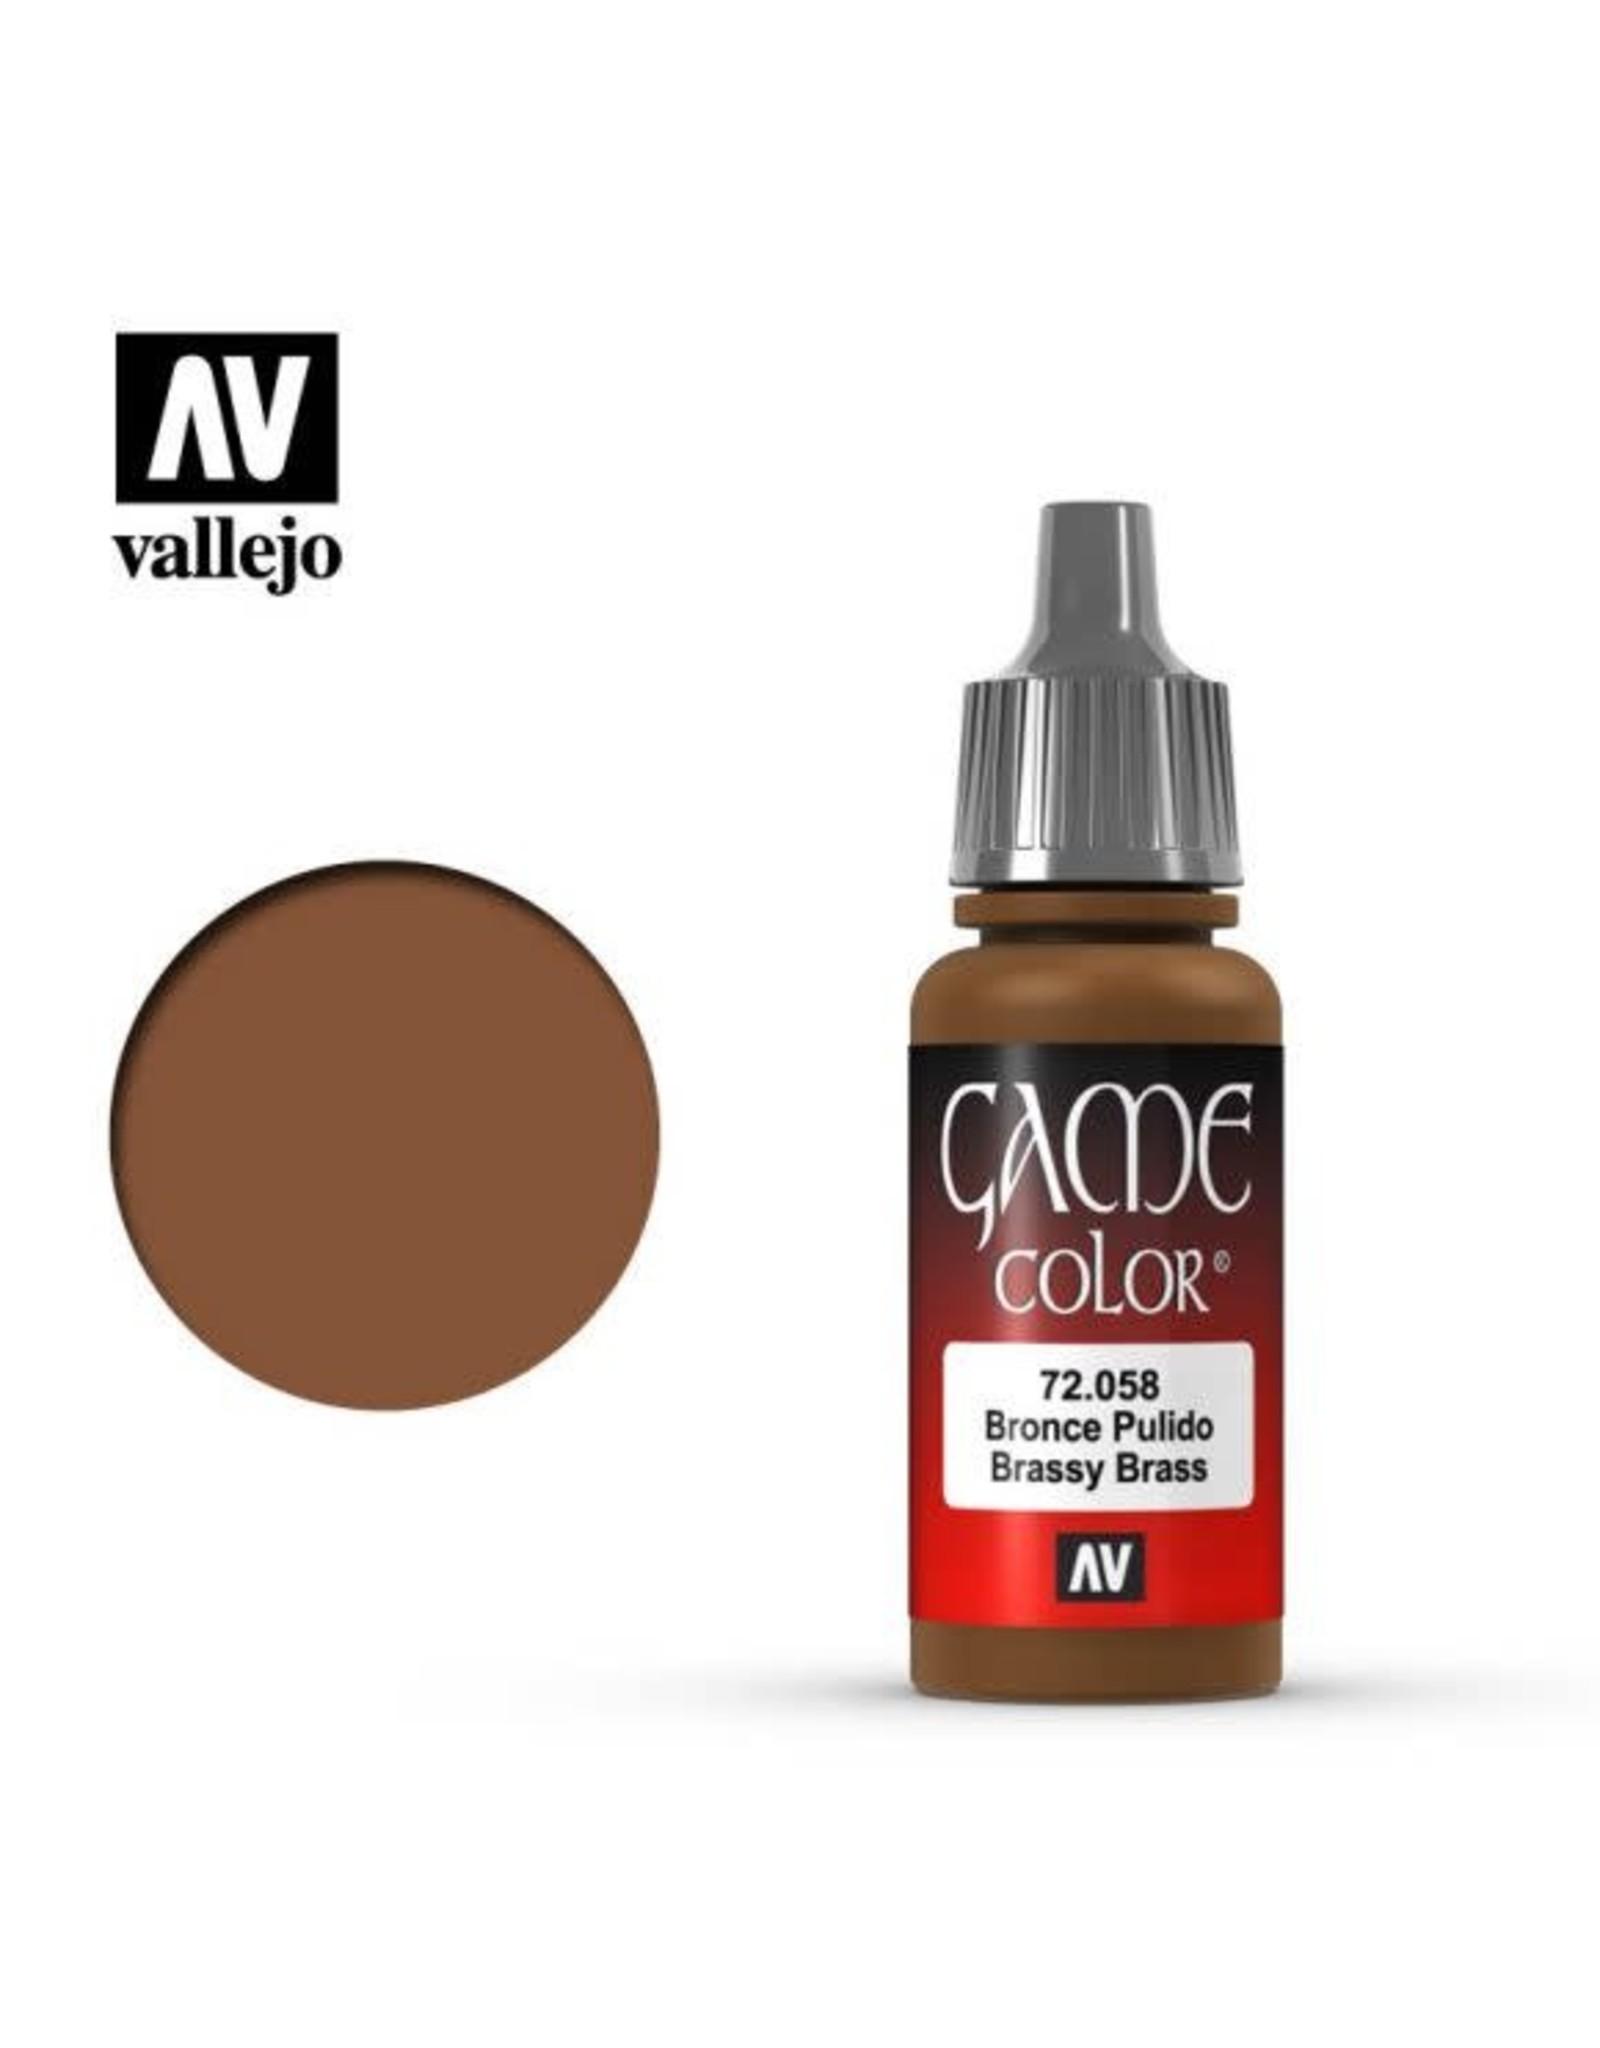 Vallejo Vallejo Game Color Paint: Brassy Brass 72.058